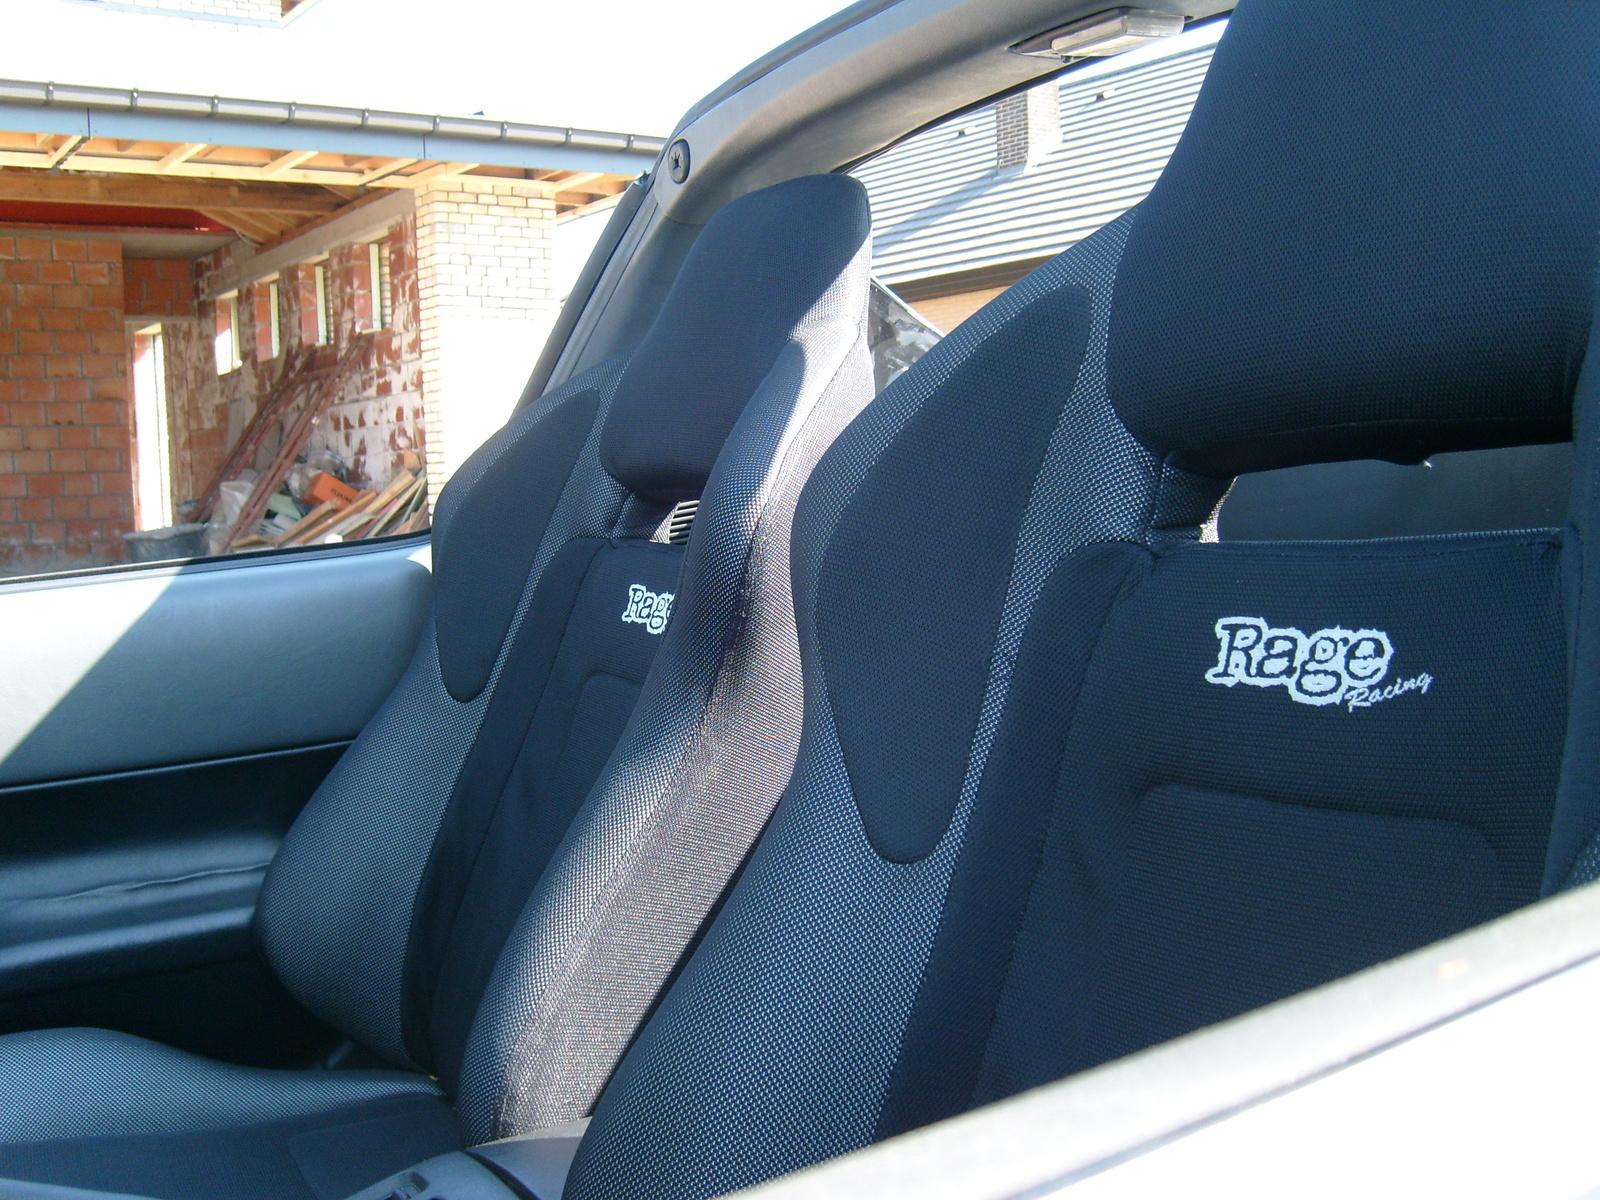 1995 Honda Civic Del Sol Interior Pictures Cargurus